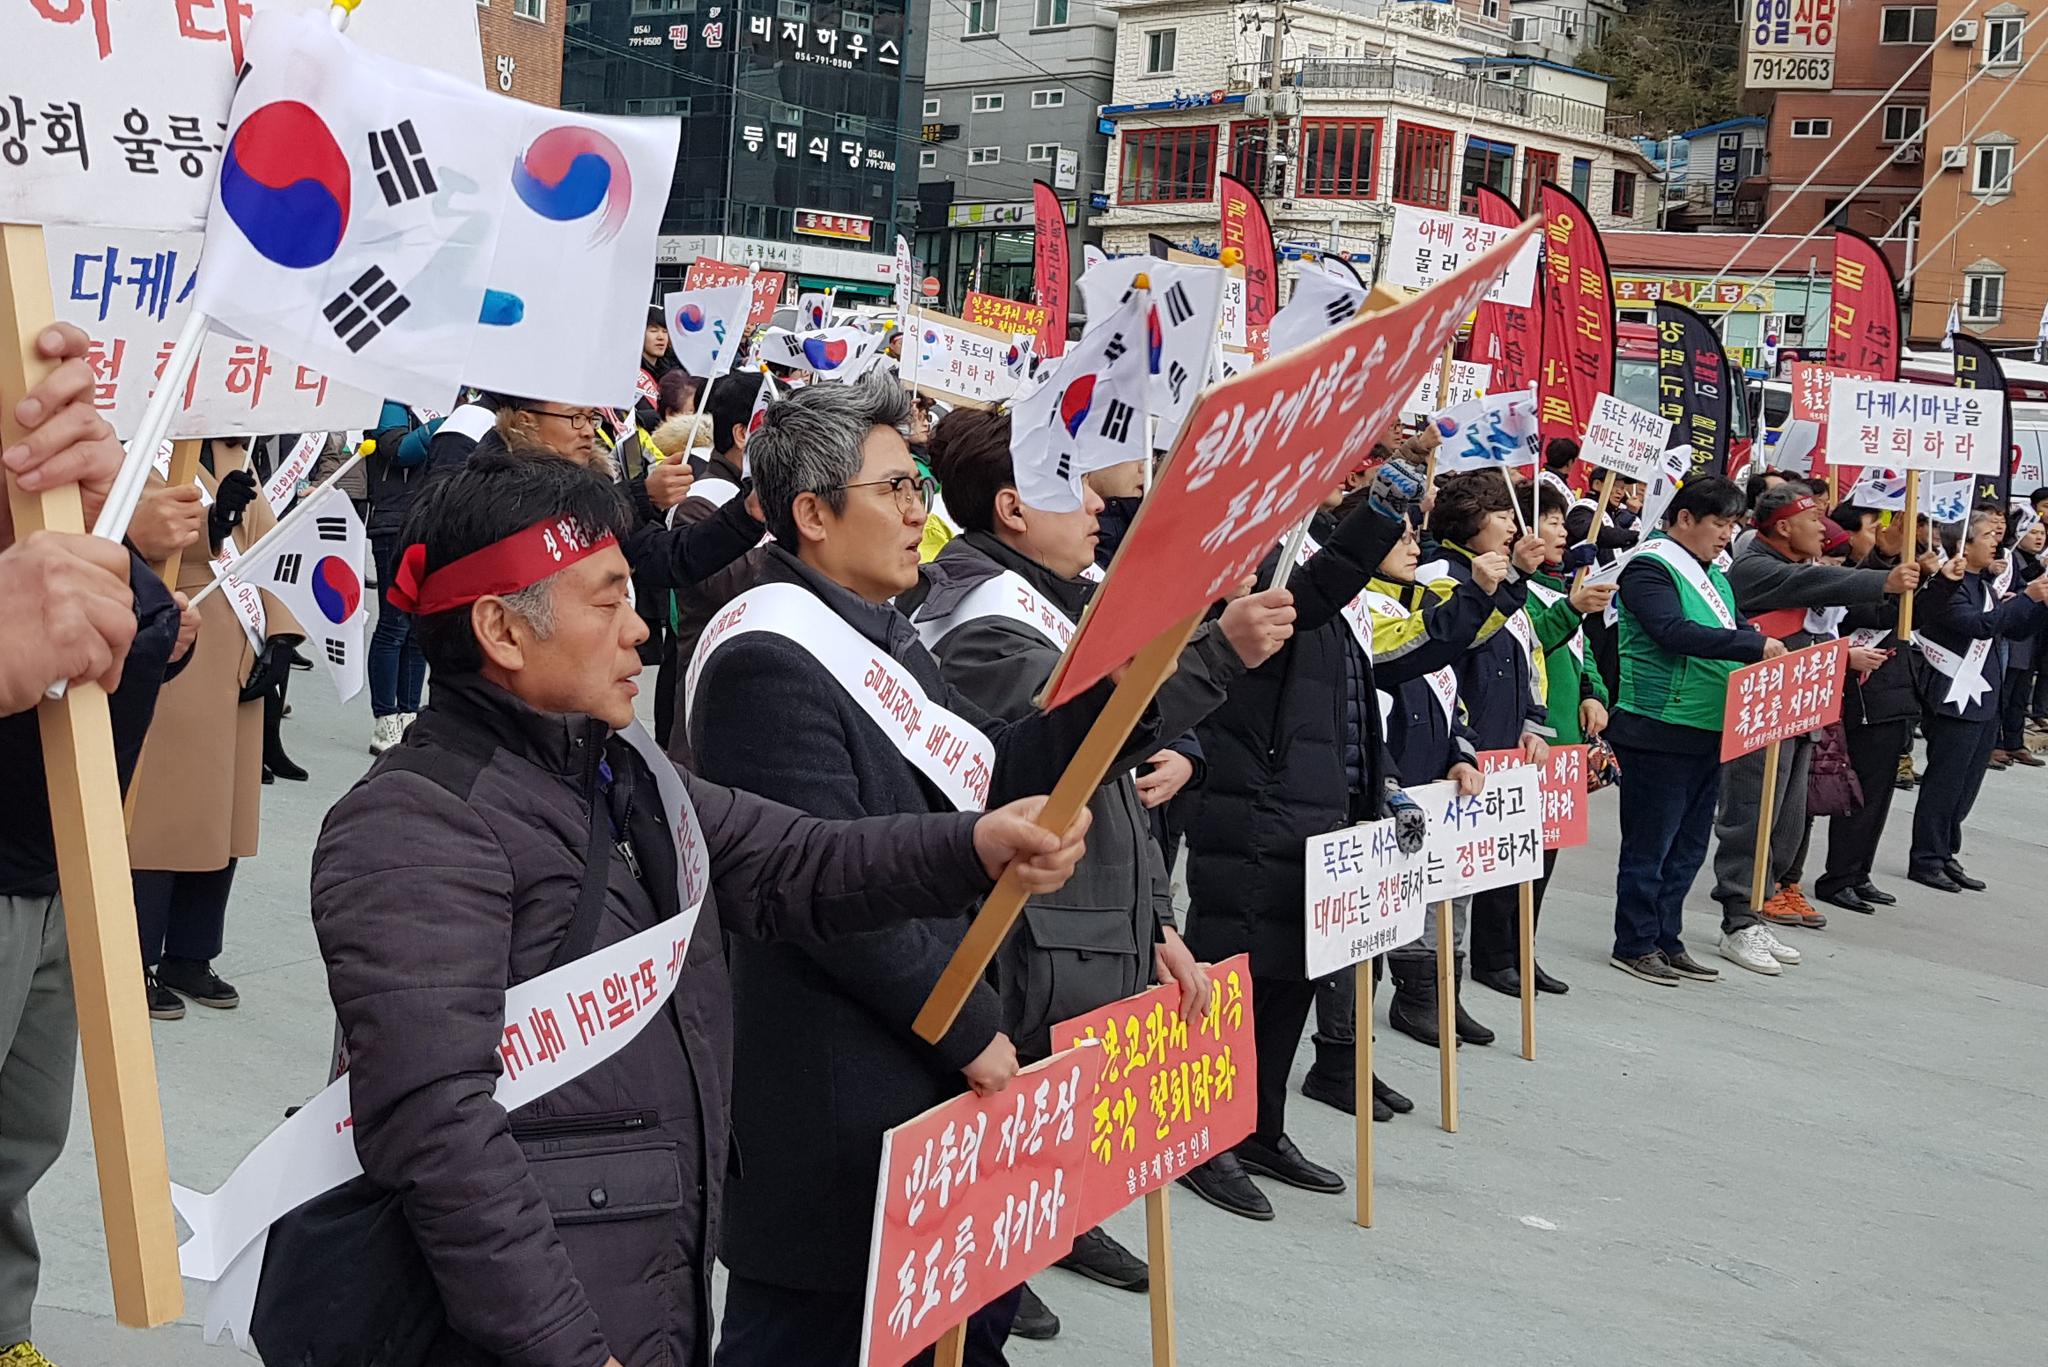 외교부 독도는 우리 고유 영토…일본 도발 중단하라